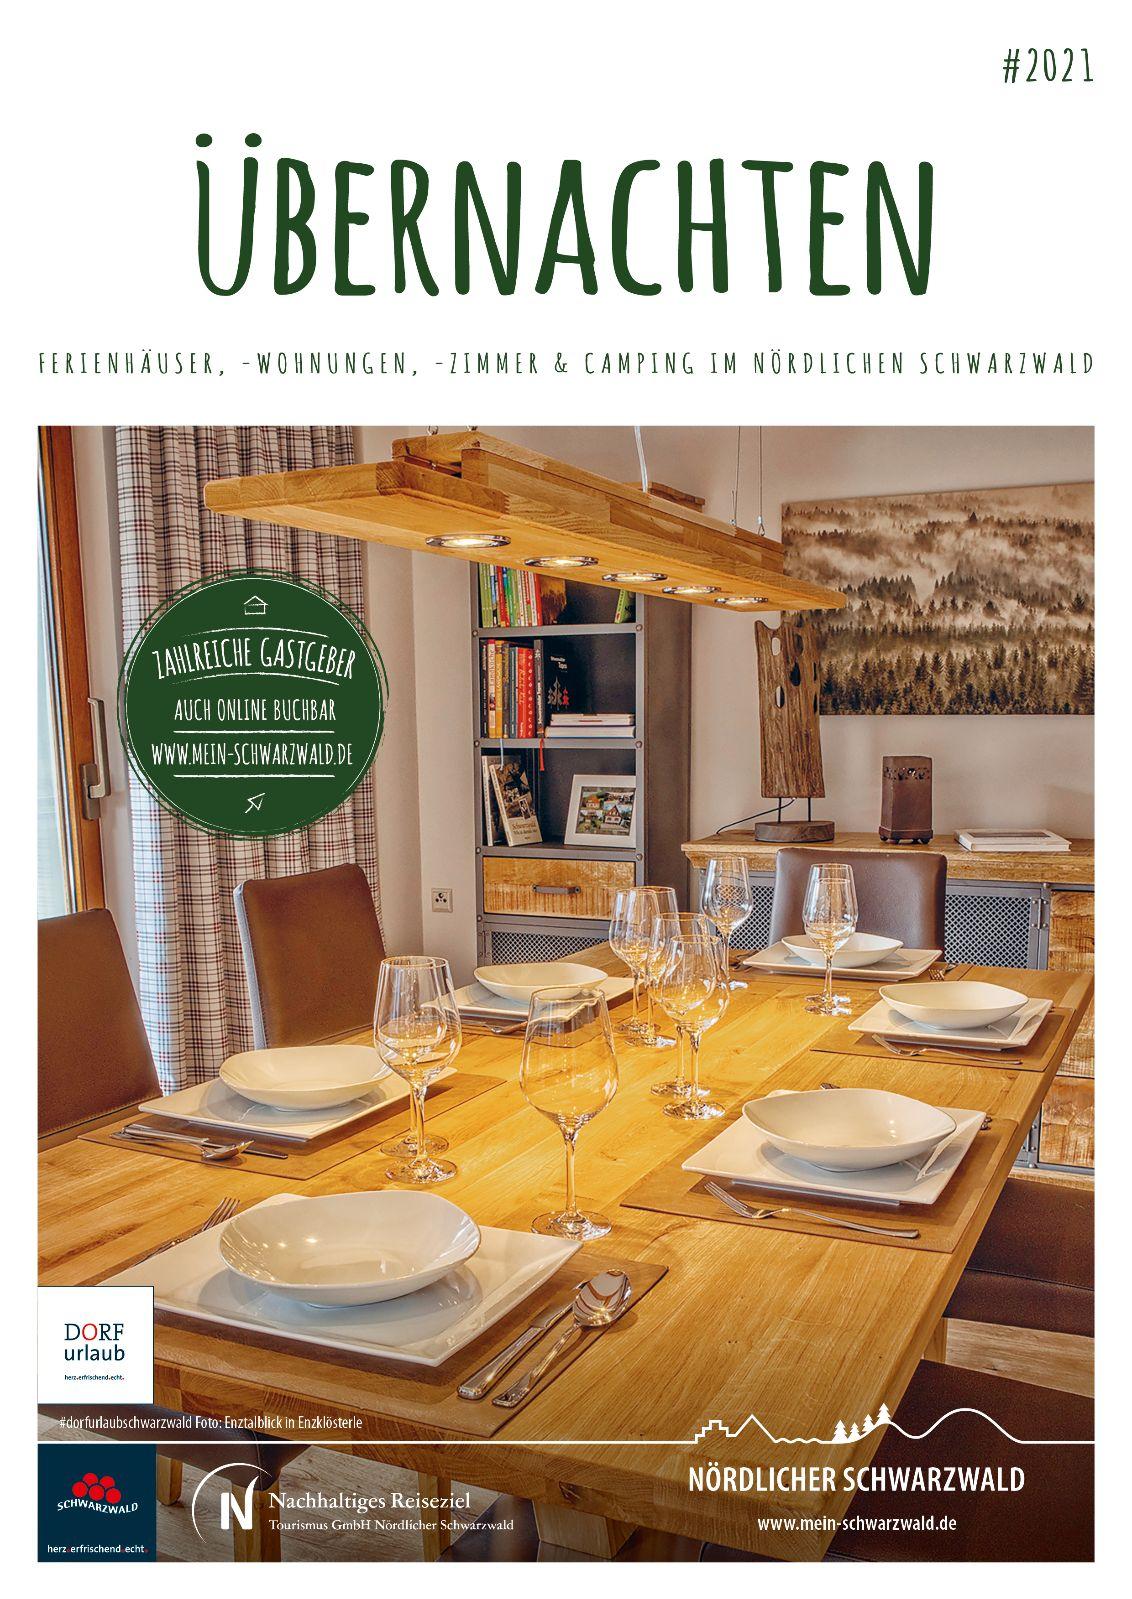 Gastgeberverzeichnis Nördlicher Schwarzwald - Ferienhäuser, Ferienwohnungen, Gästezimmer, Campingplätze